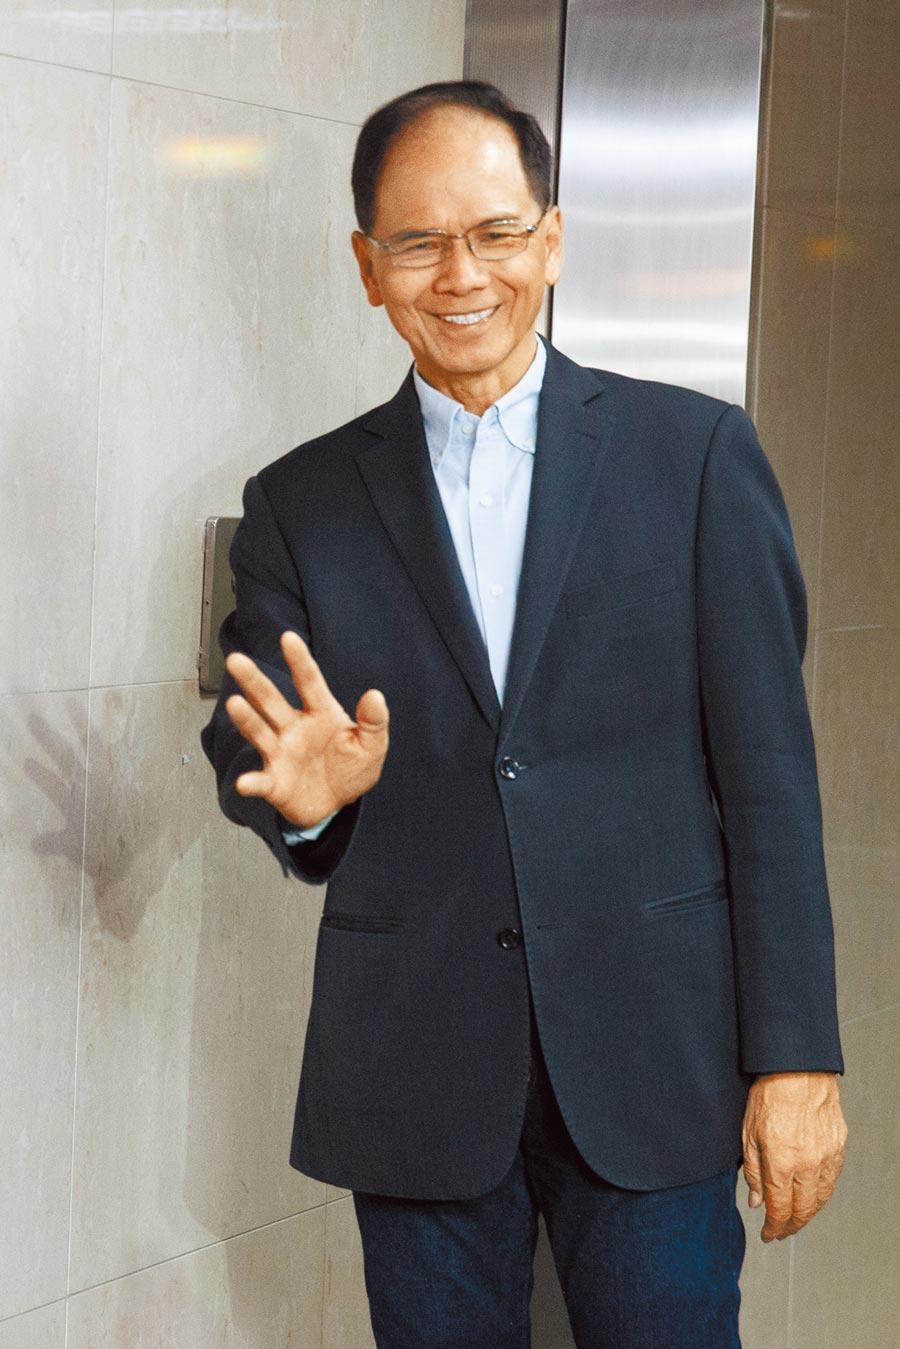 立法院長由游錫堃擔任。(本報資料照片)